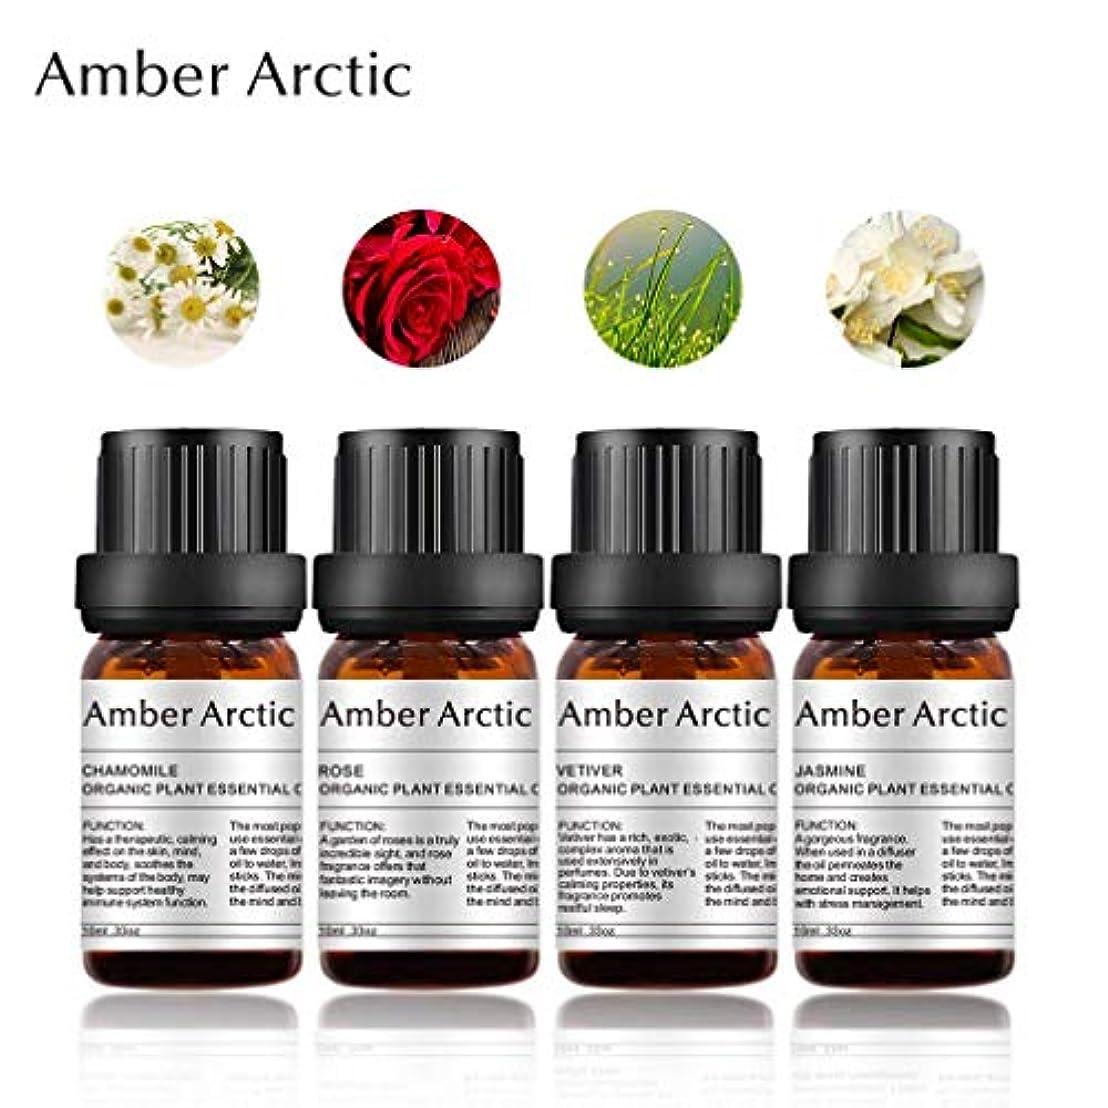 石化する賛美歌ご予約Amber Arctic 4 パック 精油 セット、 100% 純粋 天然 アロマ 最良 治療 グレード エッセンシャル オイル (ジャスミン、 ベチバー、 ローズ、 カモミール)